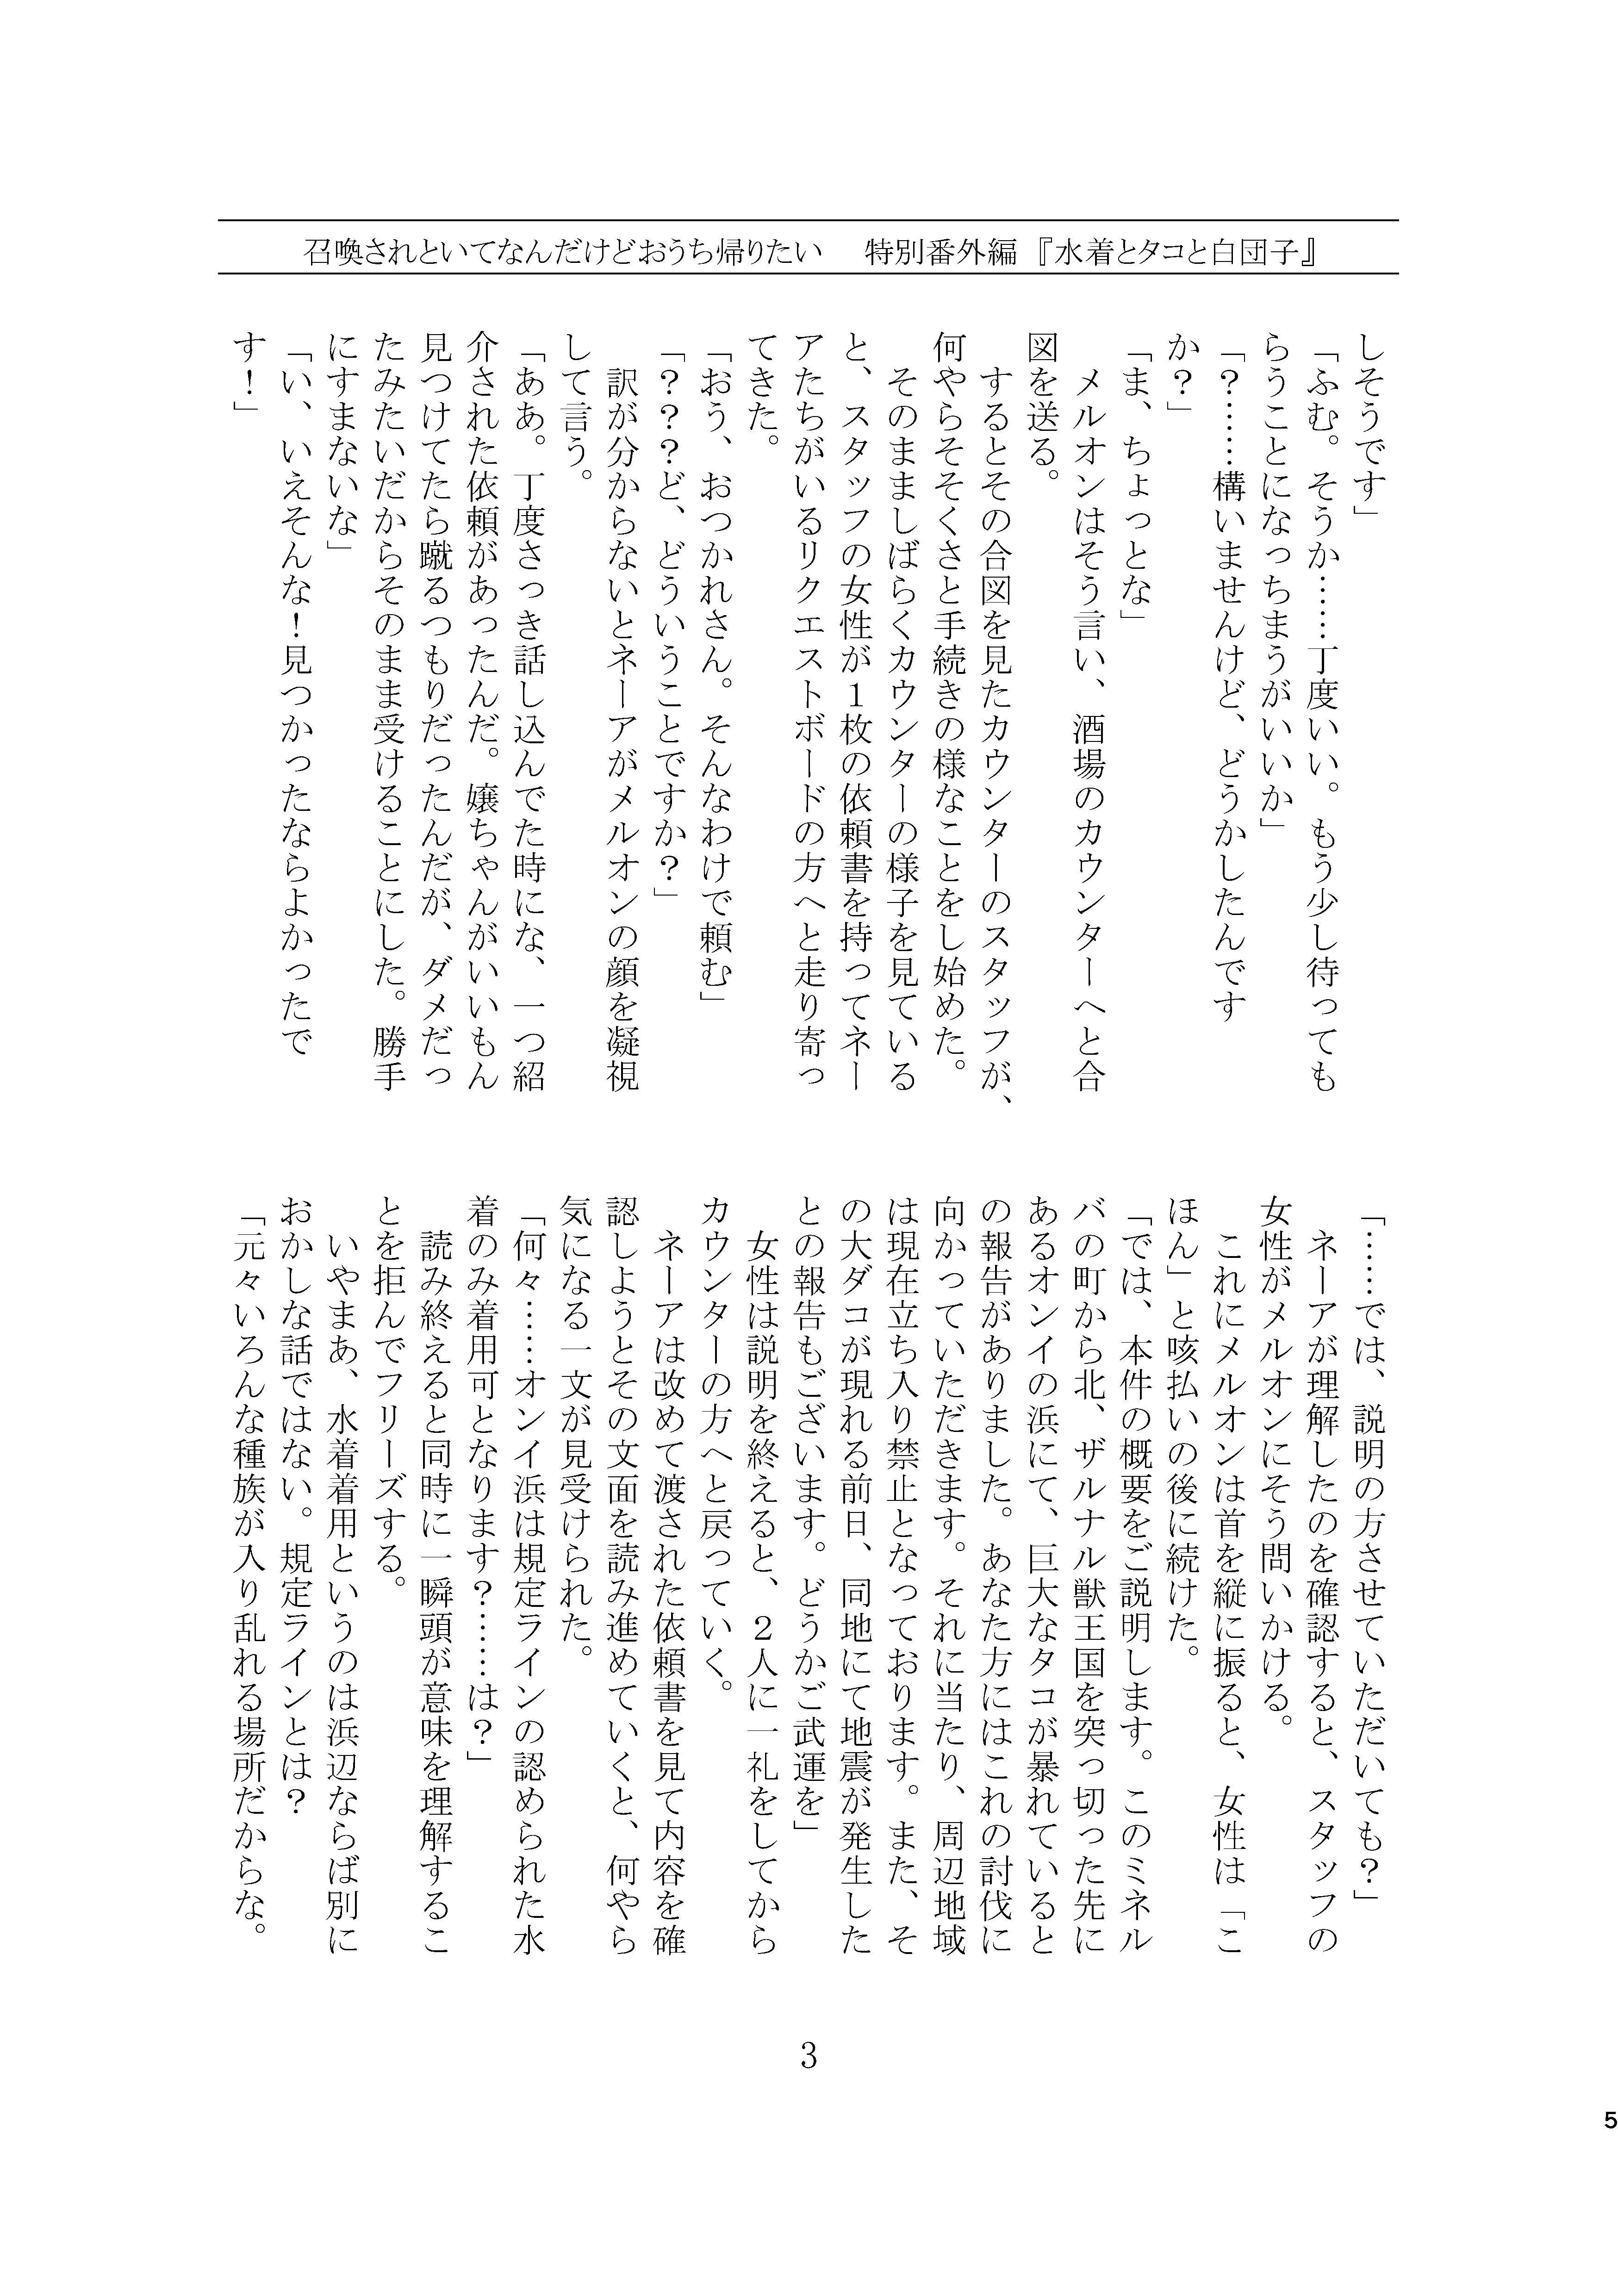 【無料】召喚されといてなんだけどおうち帰りたい 夏コミ特別番外編『水着とタコと白団子』